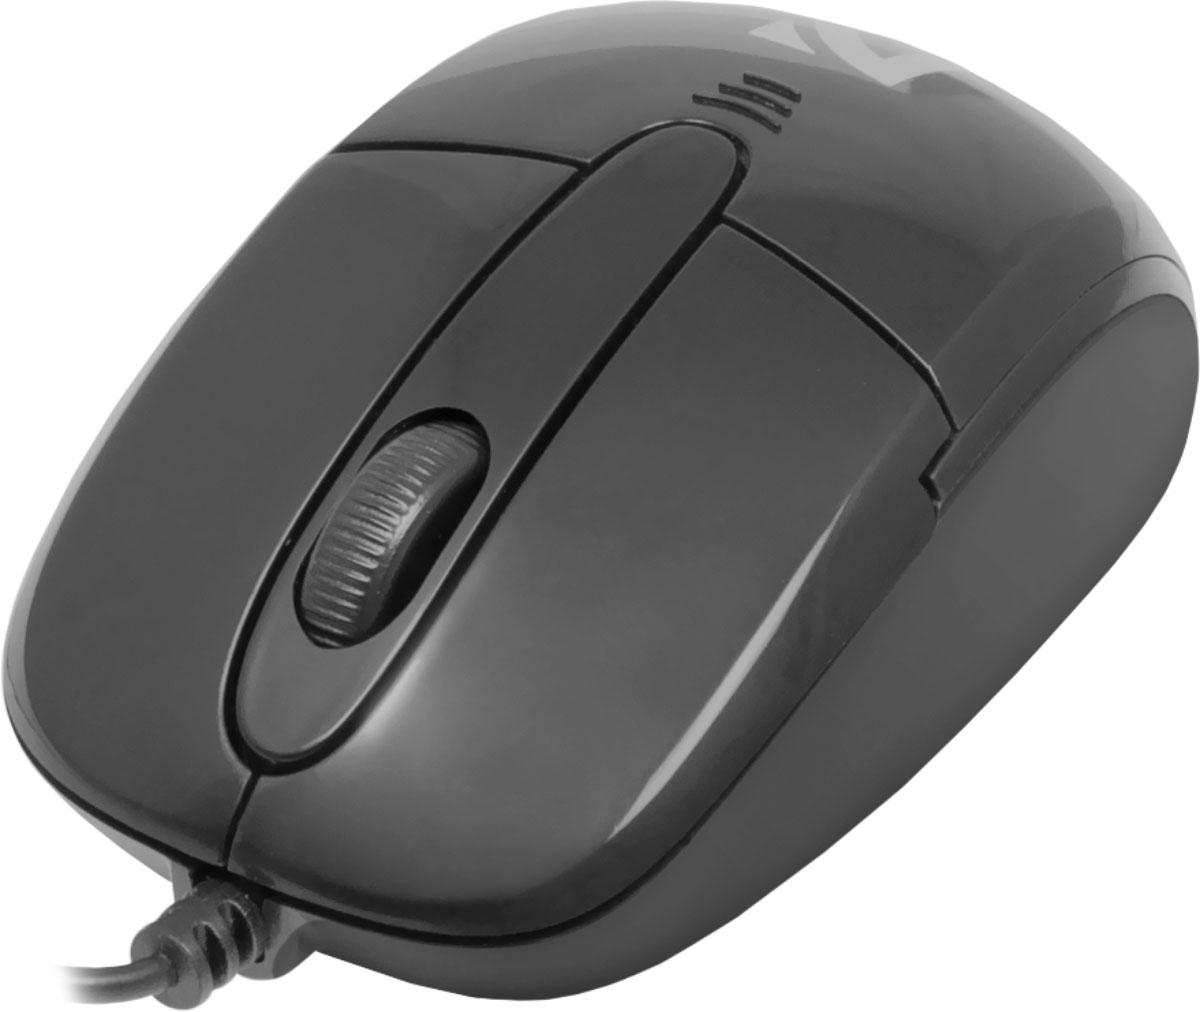 Zakazat.ru Defender Optimum MS-130, Black проводная оптическая мышь